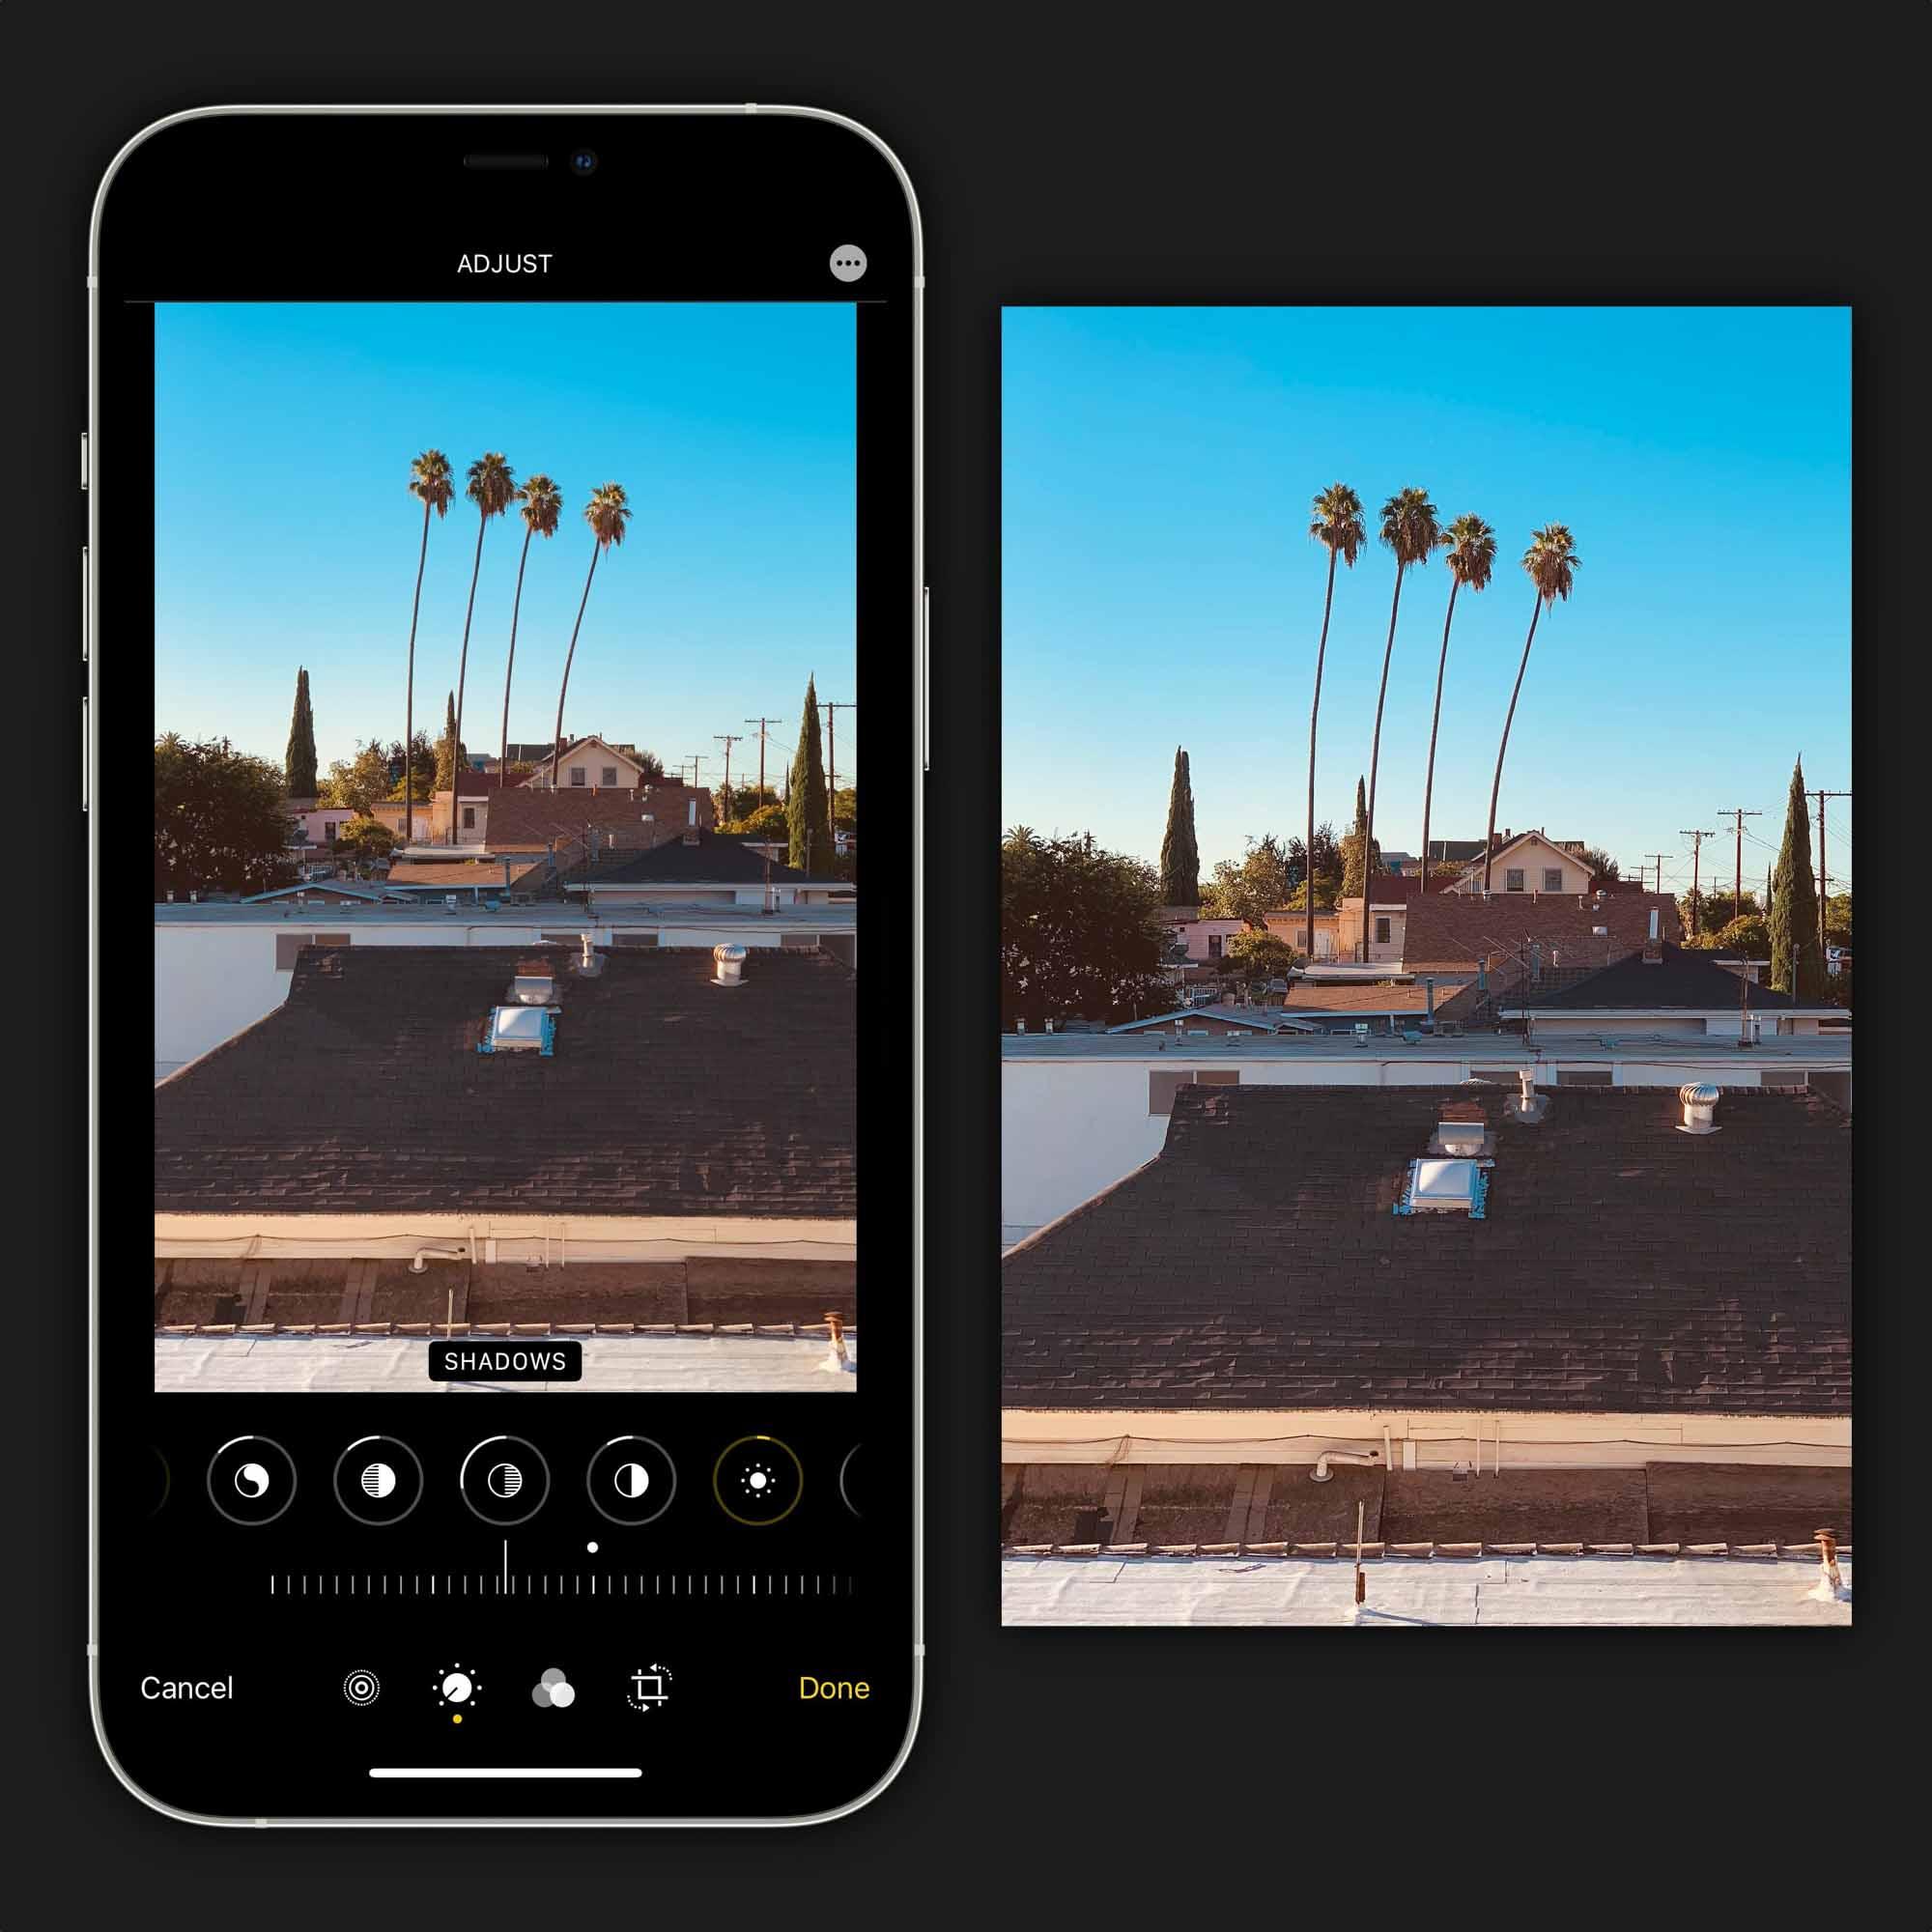 Отредактируйте свою фотографию в приложении« Фото », чтобы настроить перспективу и обрезку. Нажмите нужное настроение с помощью встроенных цветовых инструментов.